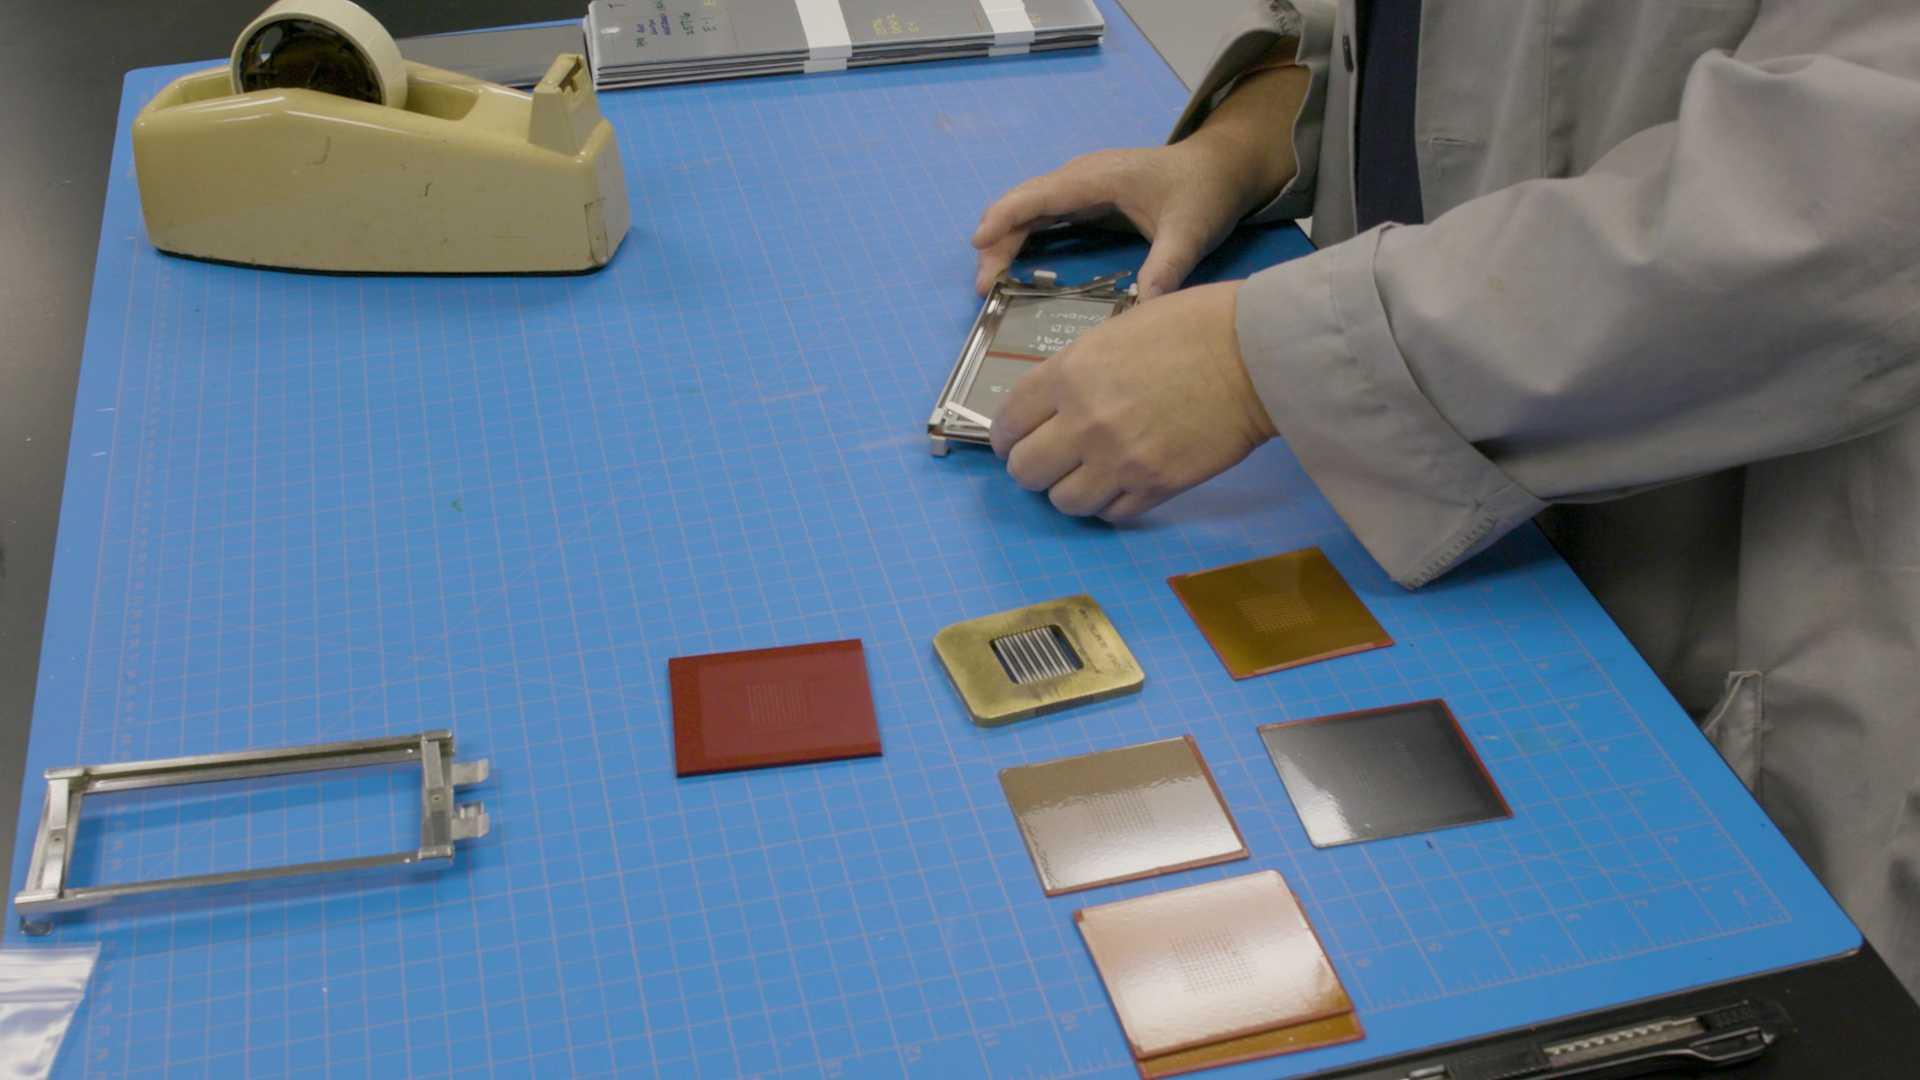 تست دوام رنگ در محفظه خورشیدی نیسان